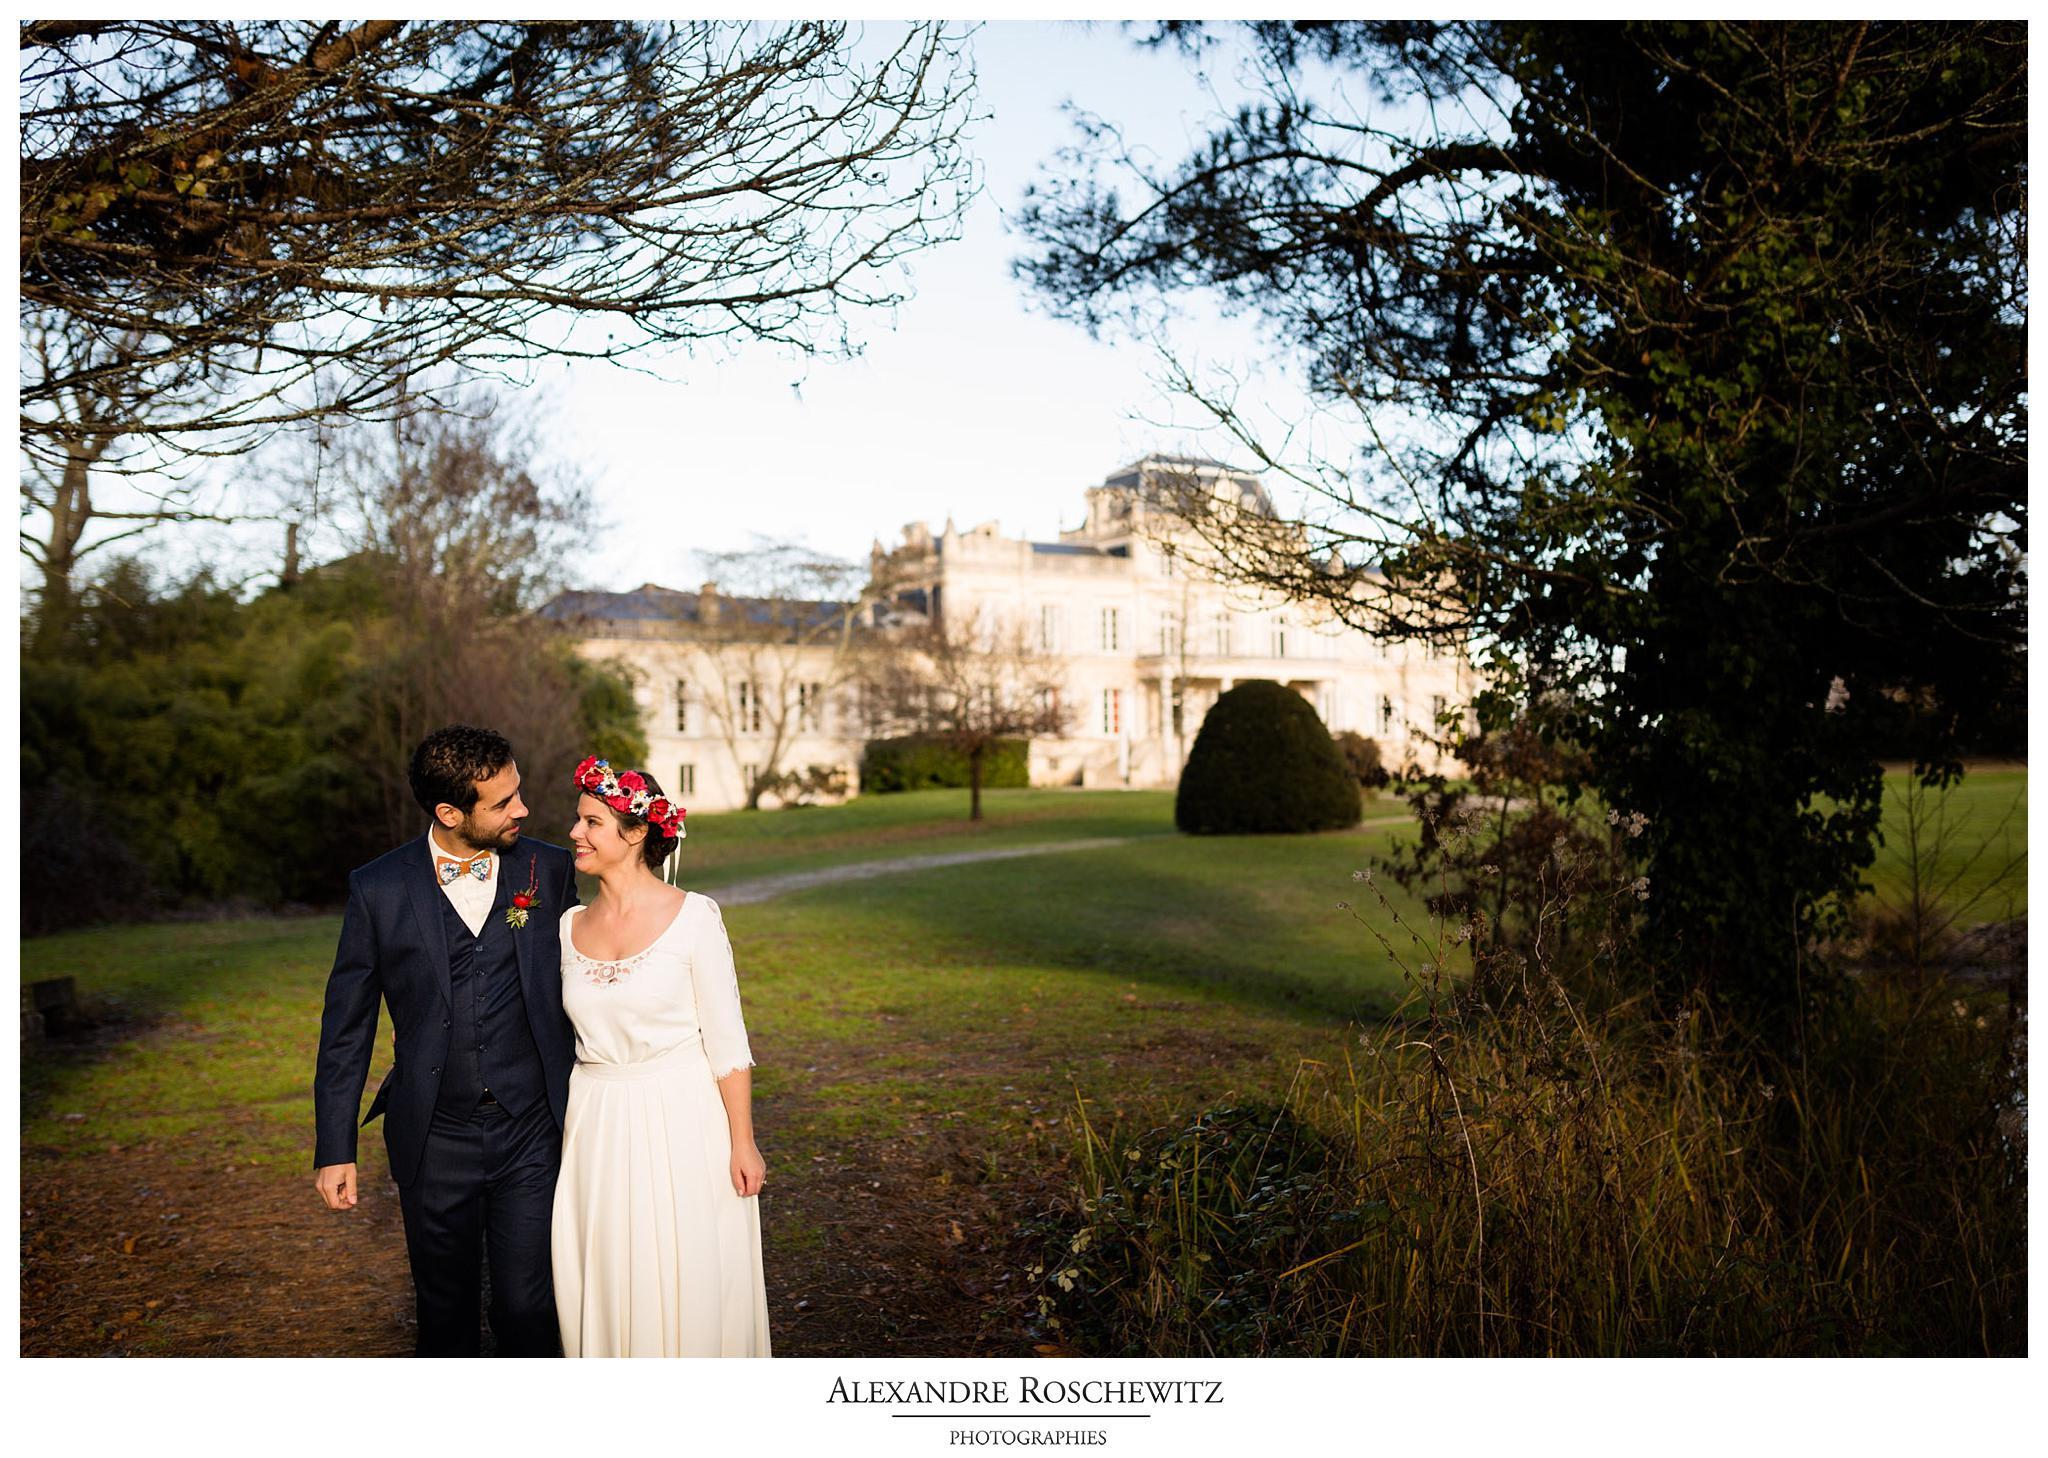 Les photos du mariage d'hiver du mariage de Zoé et Antoine à Bordeaux et au Château Giscours. Alexandre Roschewitz Photographies